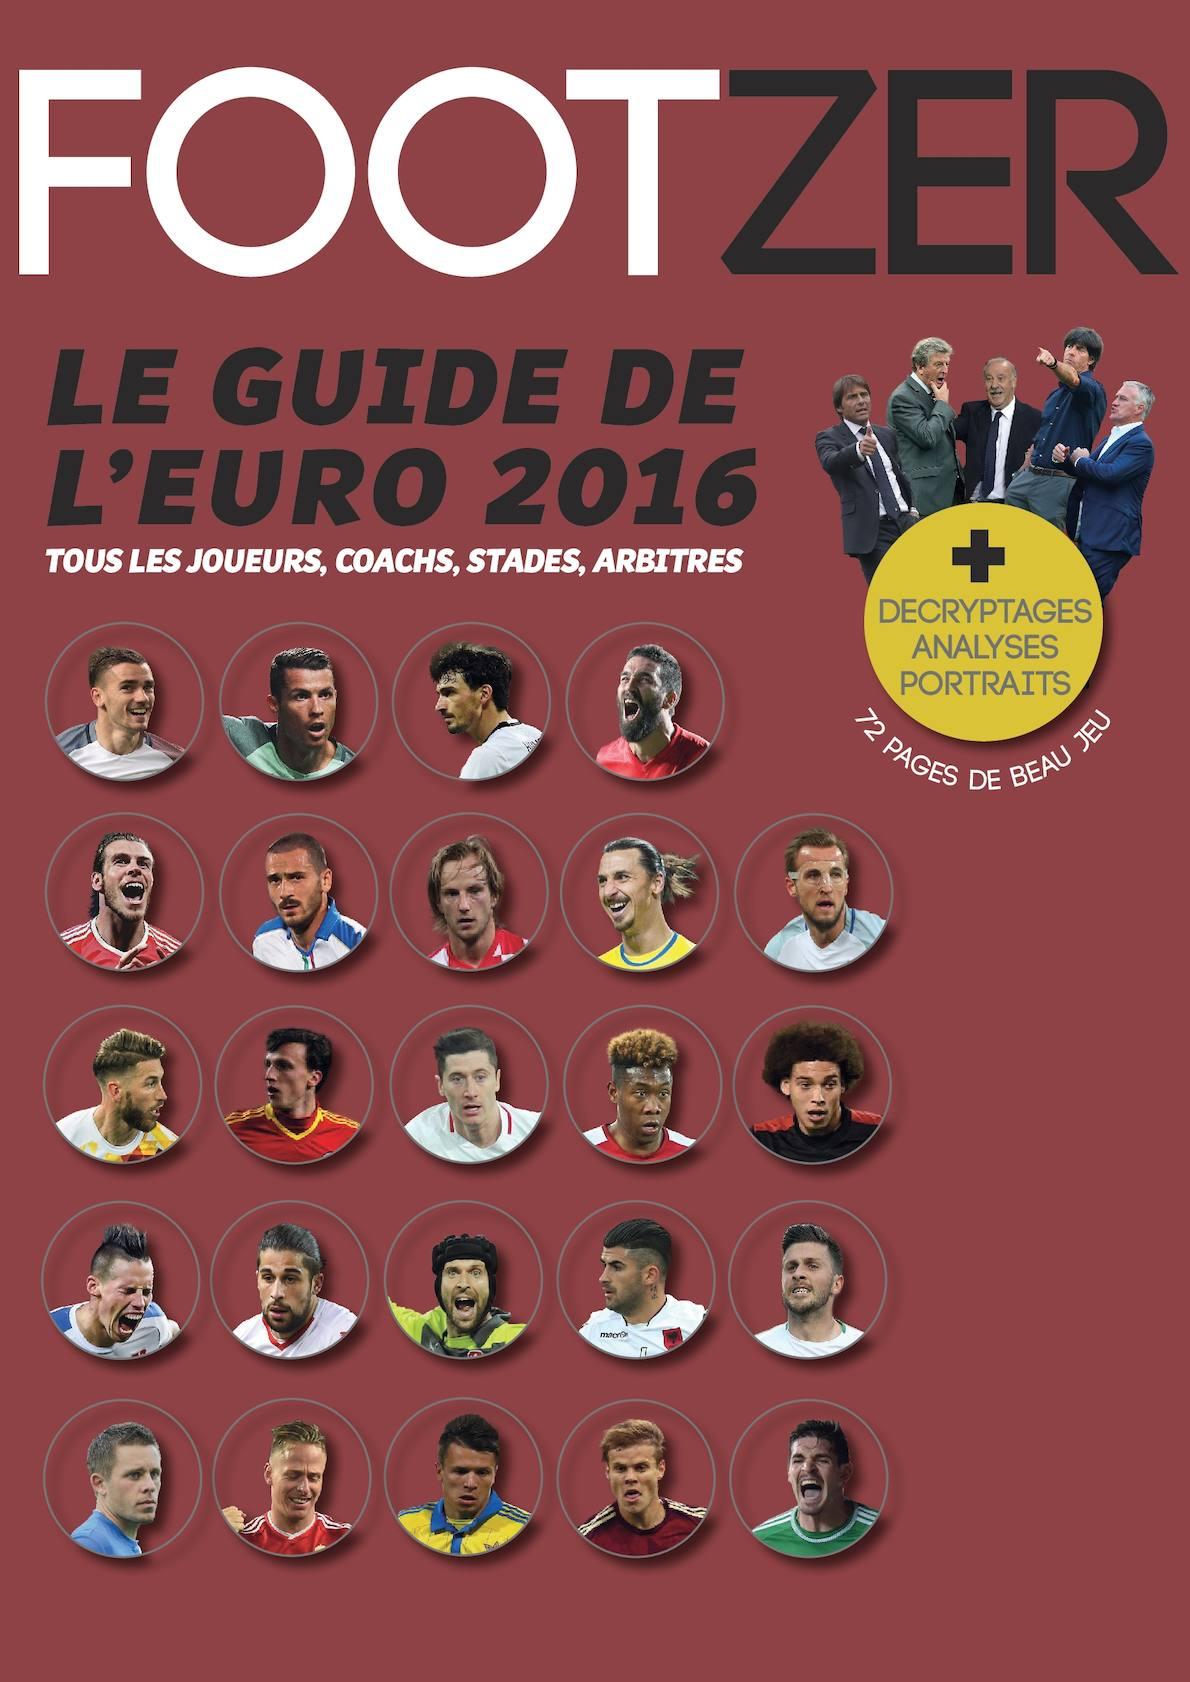 Calaméo Le Guide de l'Euro 2016 FOOTZER